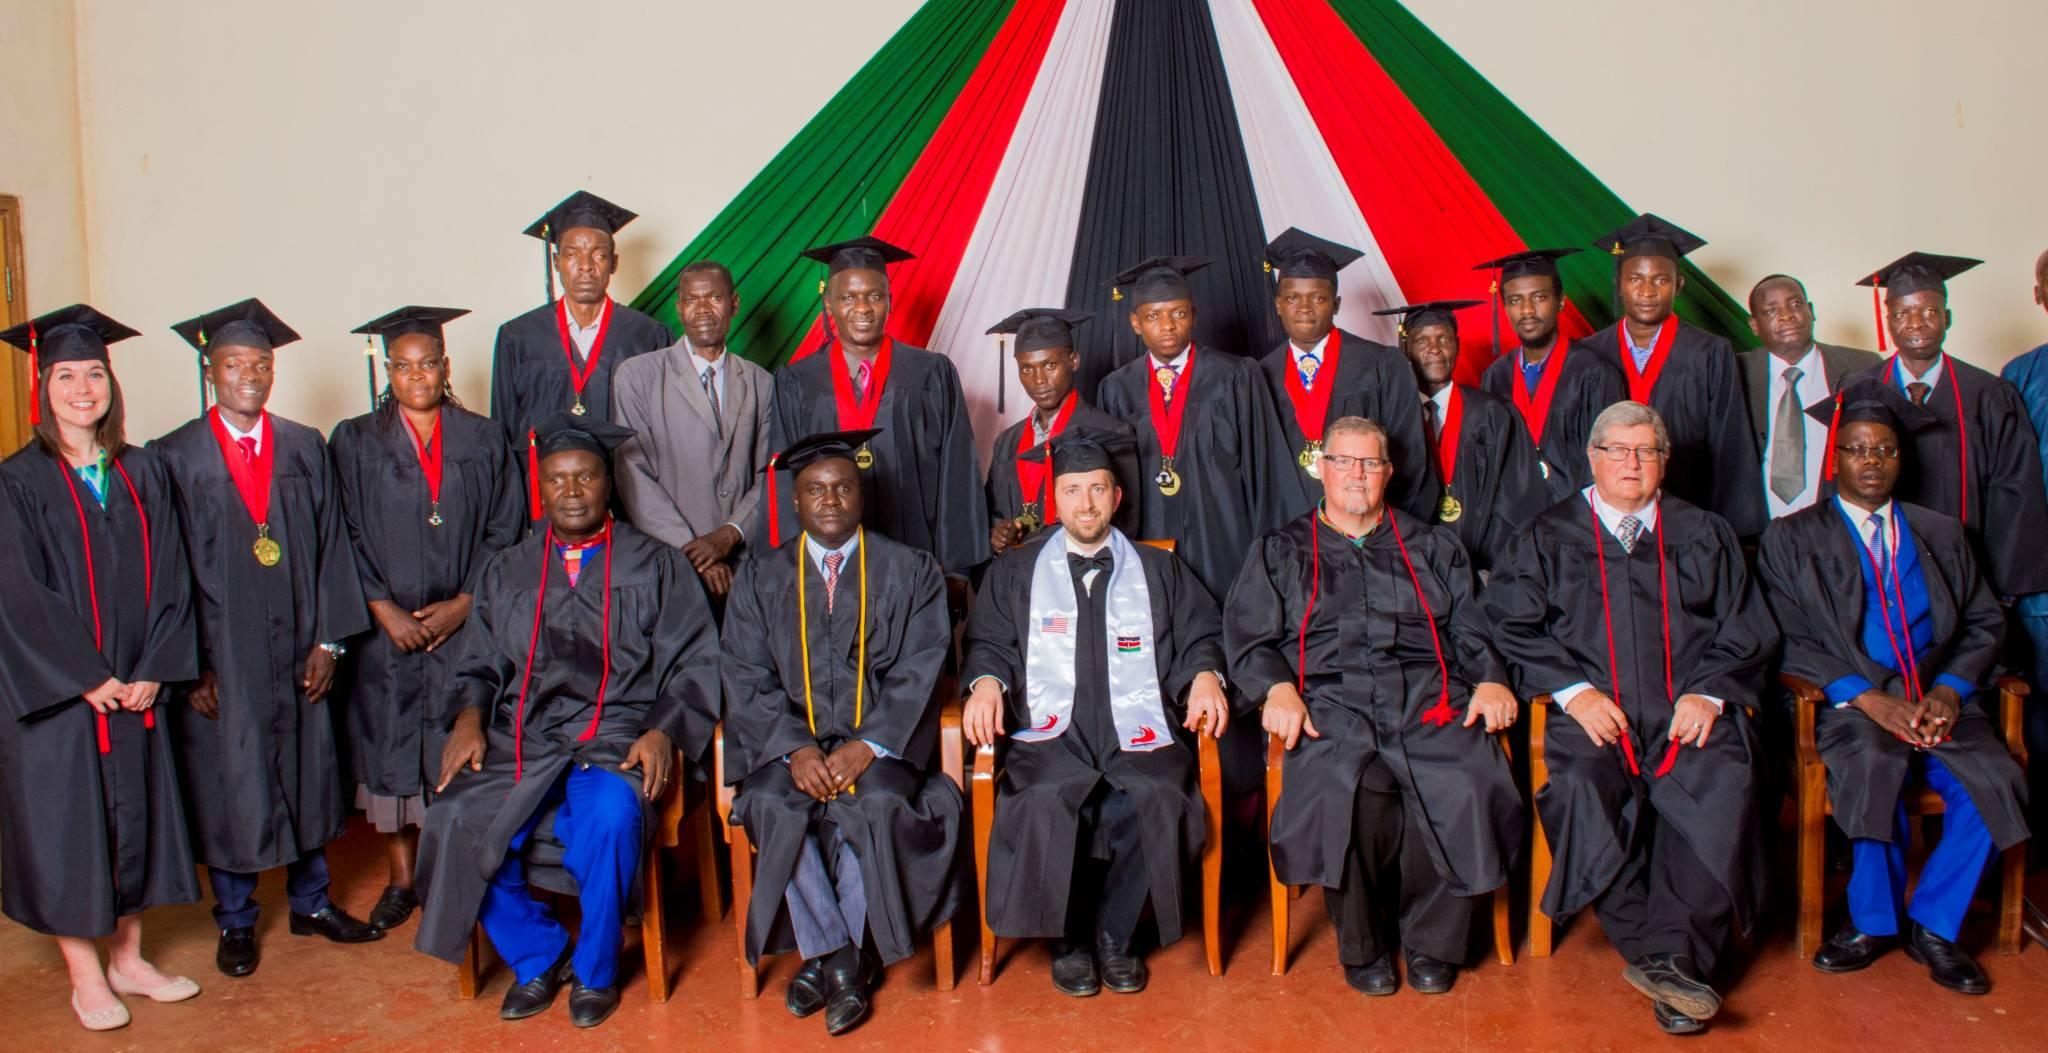 Graduates at EABC Graduation